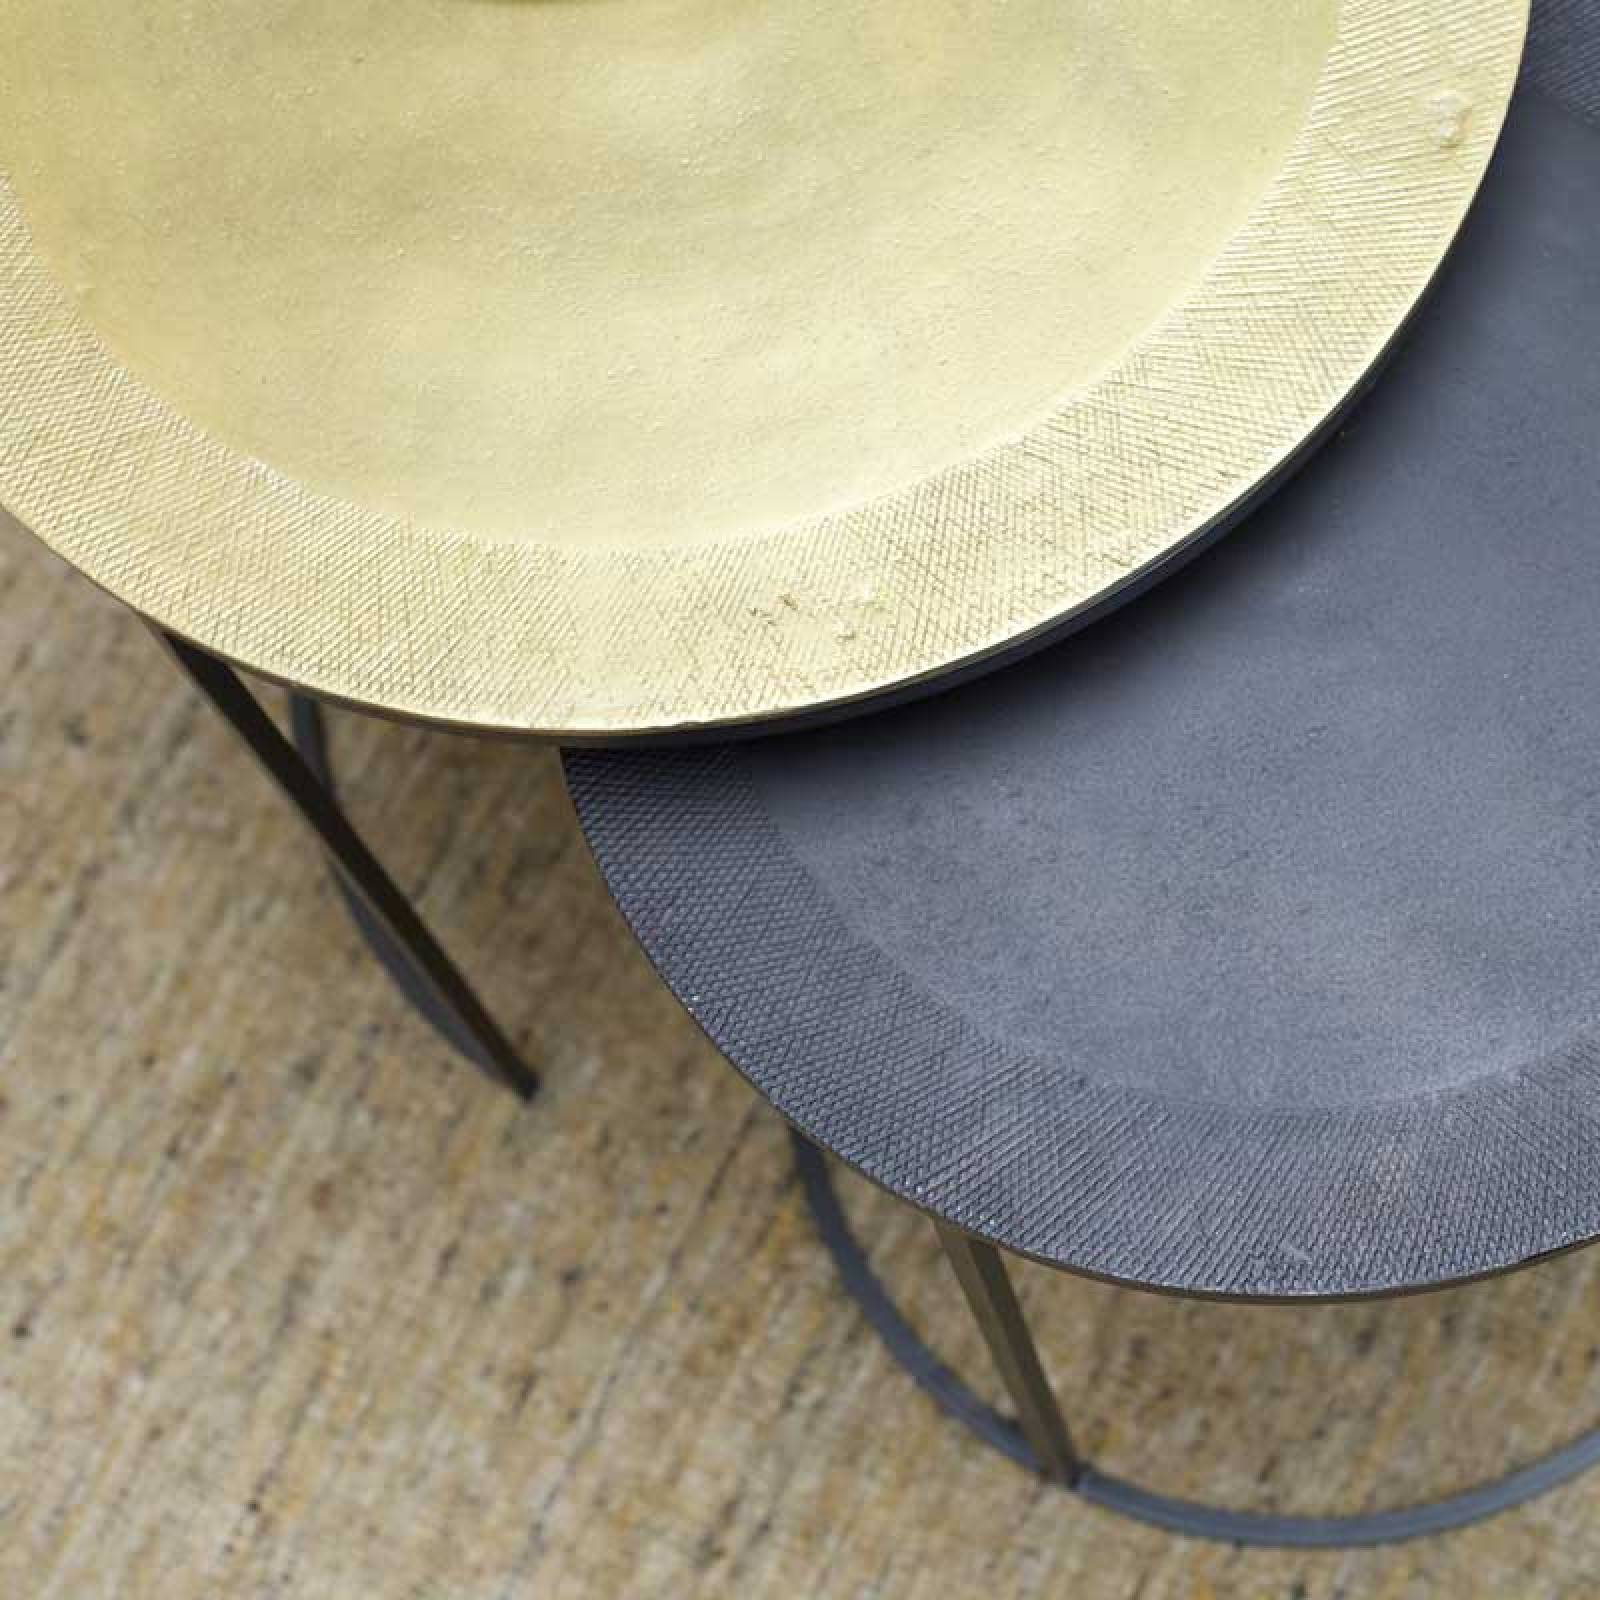 Calta Pair Of Circular Metal Side Tables